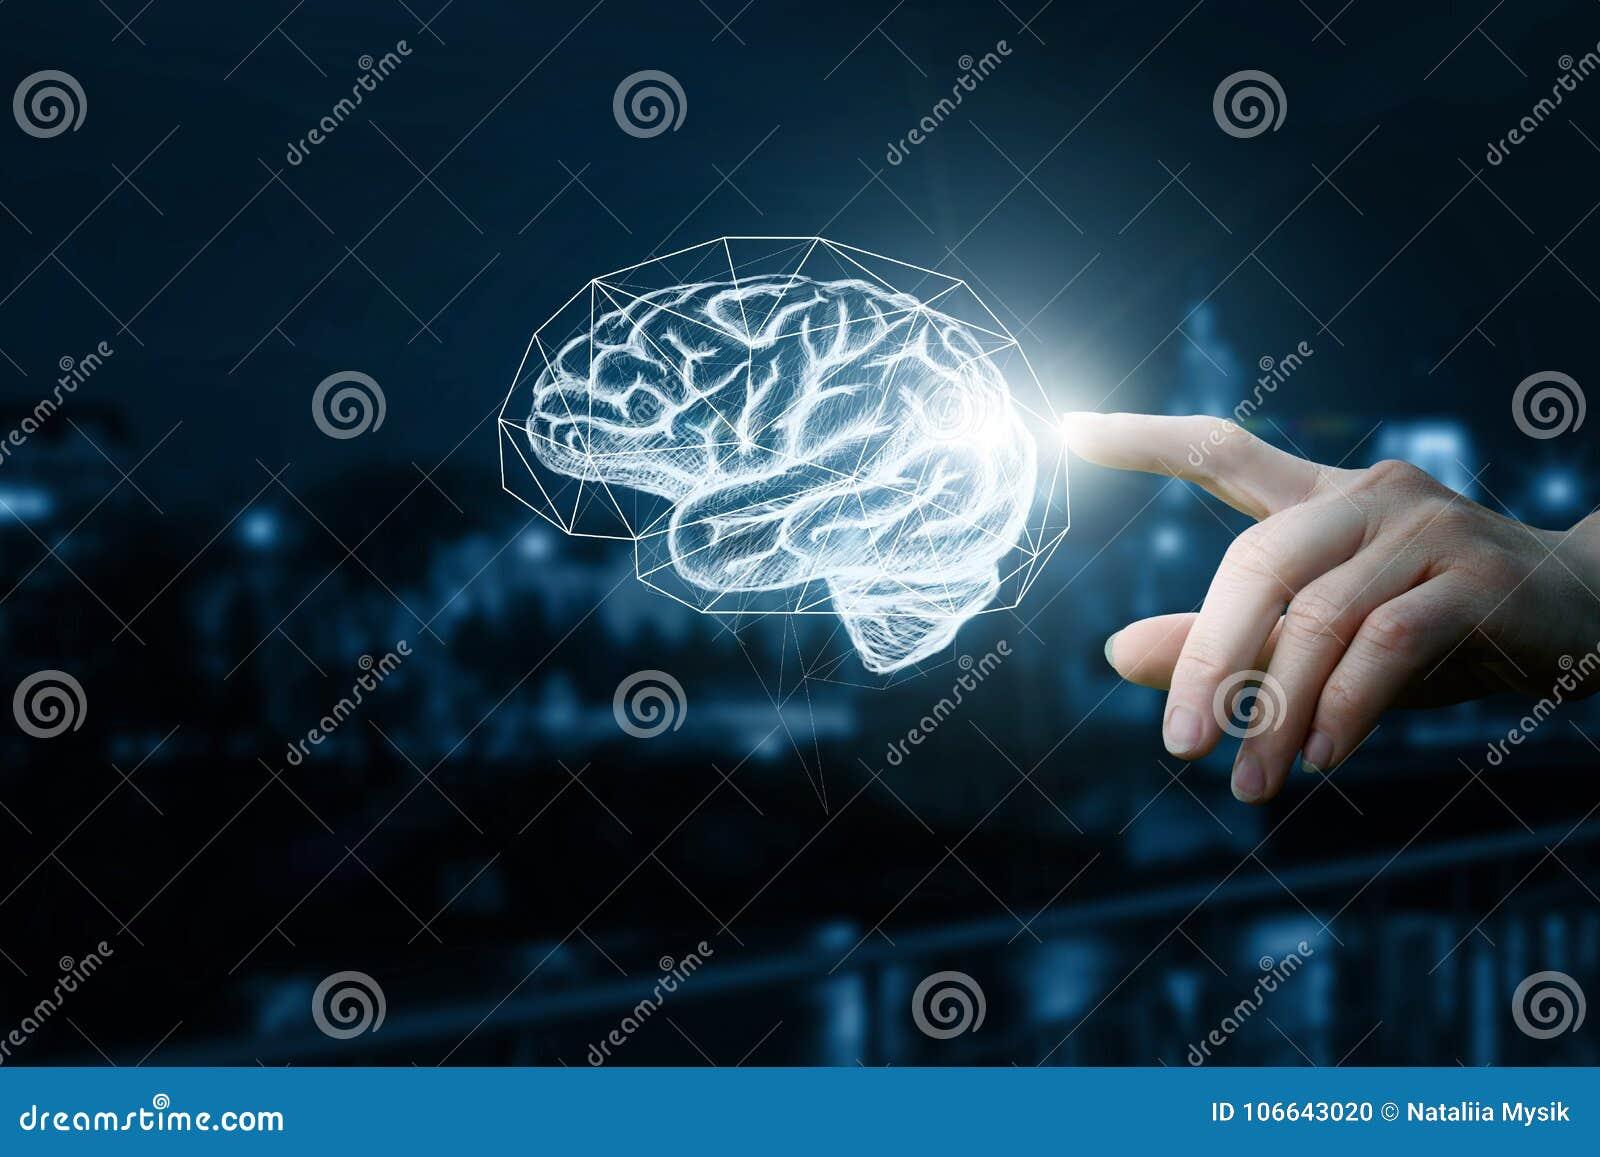 Рука щелкает дальше мозг